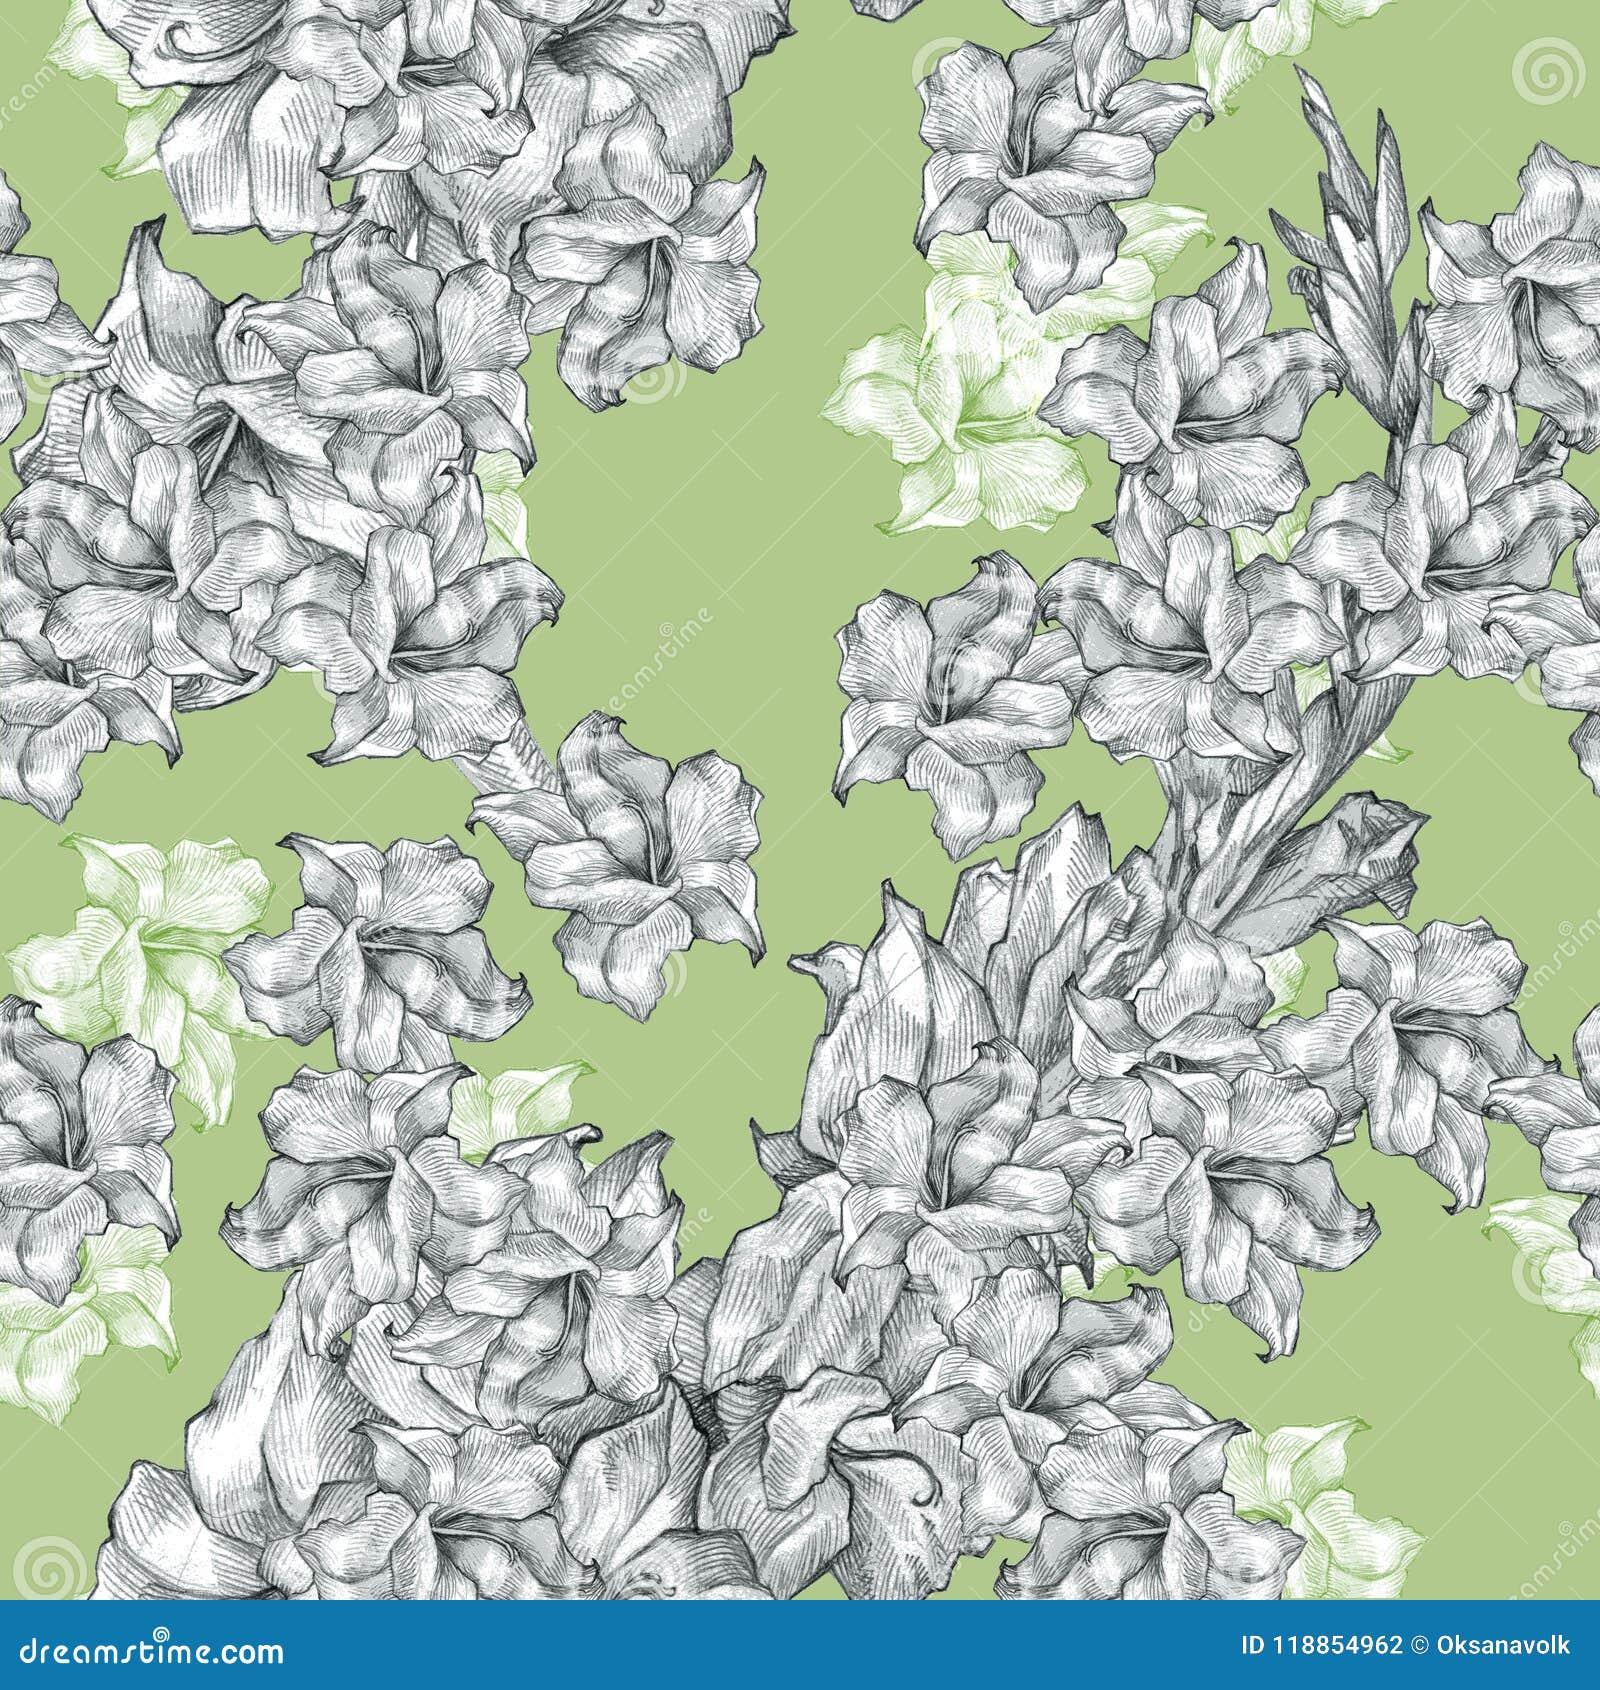 Botanisch bloemenbloempotlood die naadloze overladen patroontextuur trekken op kalme groen voor uitnodigingen of aankondigingen